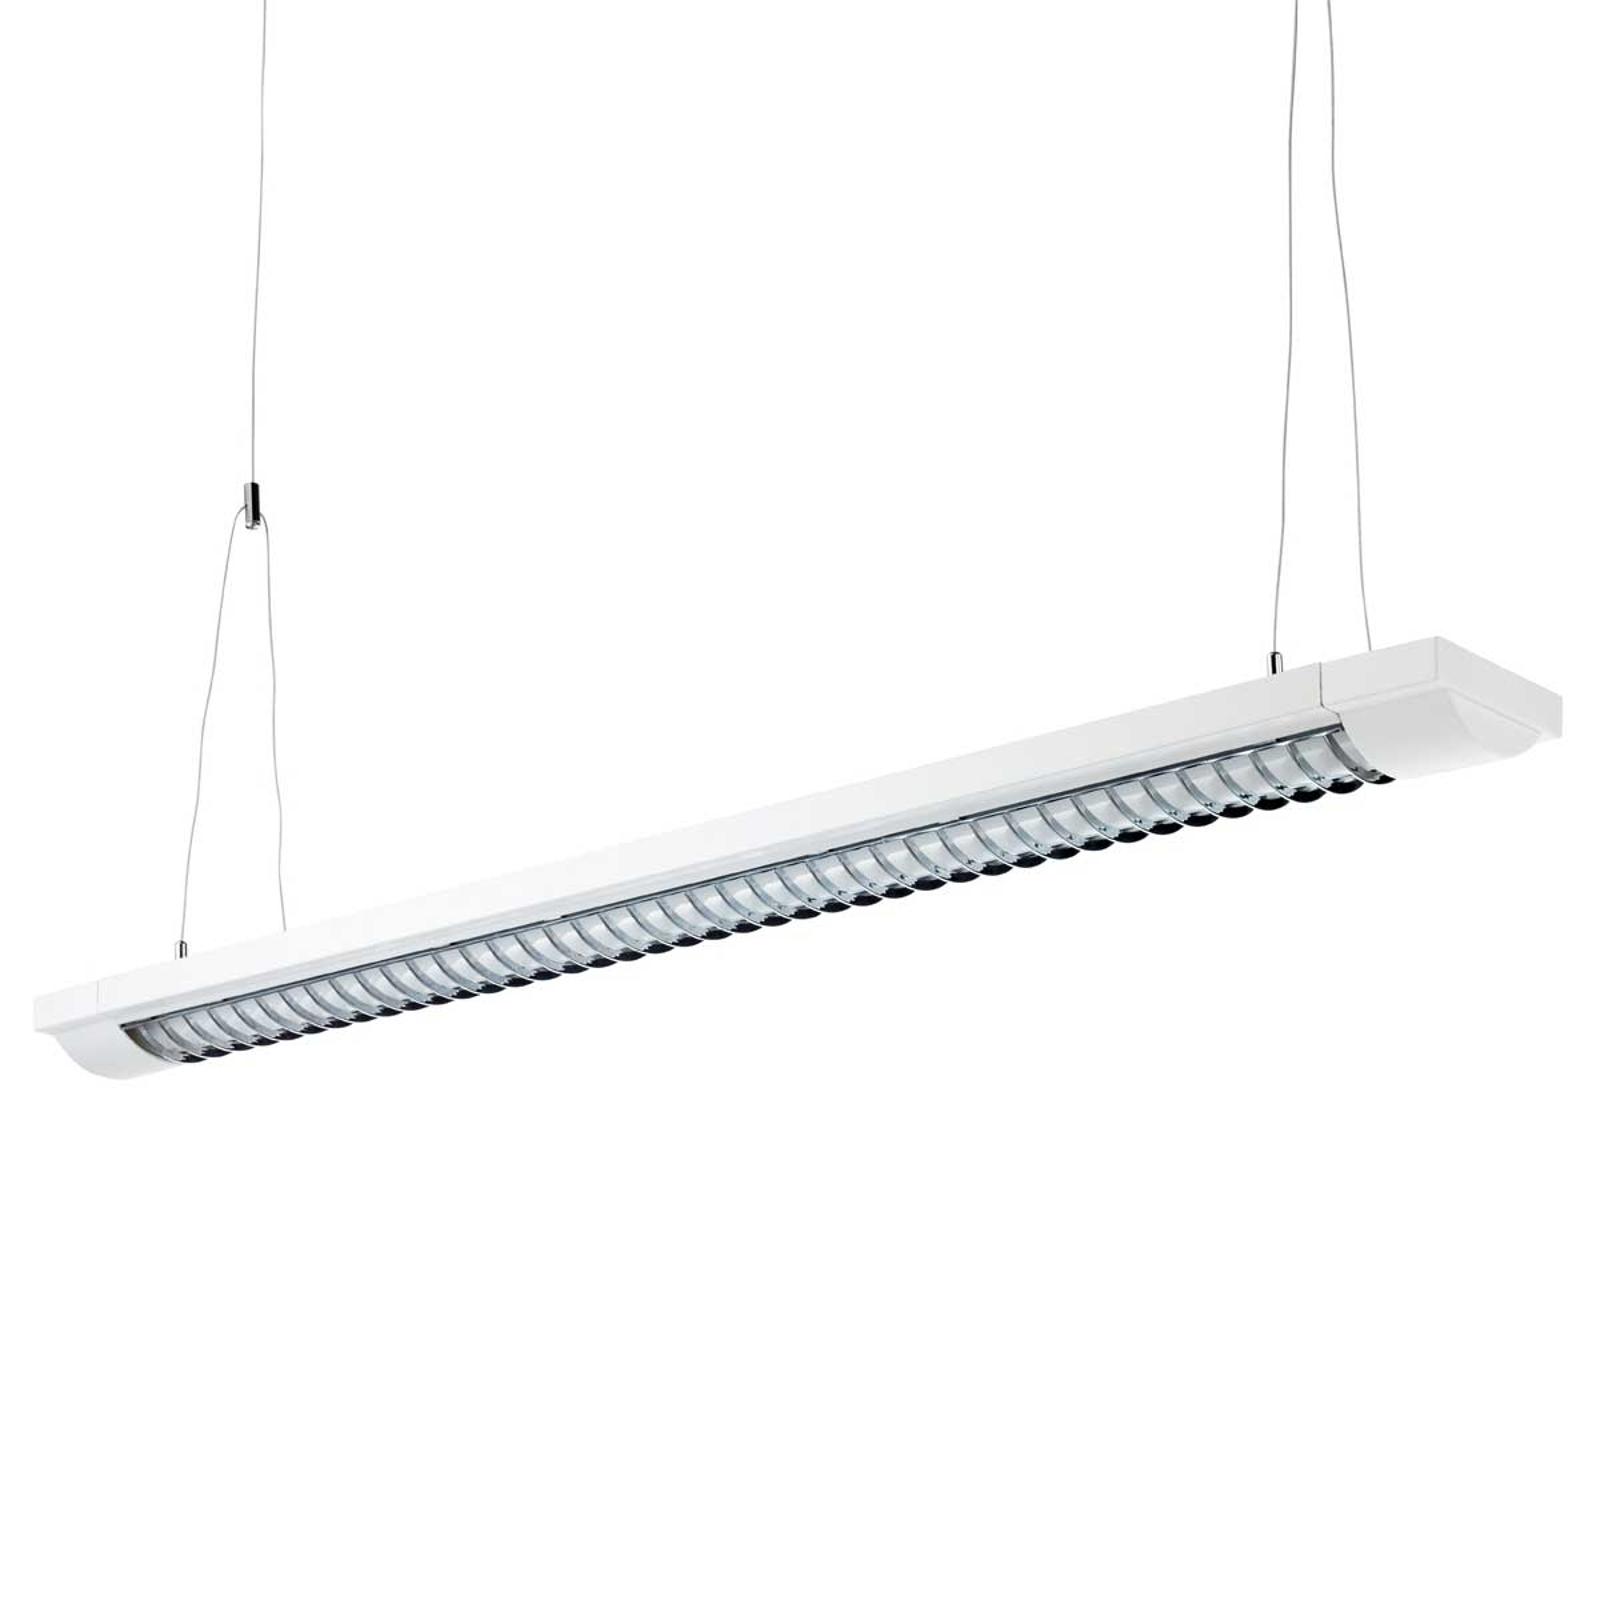 2 loisteputken rasterivalaisin, pituus 155 cm